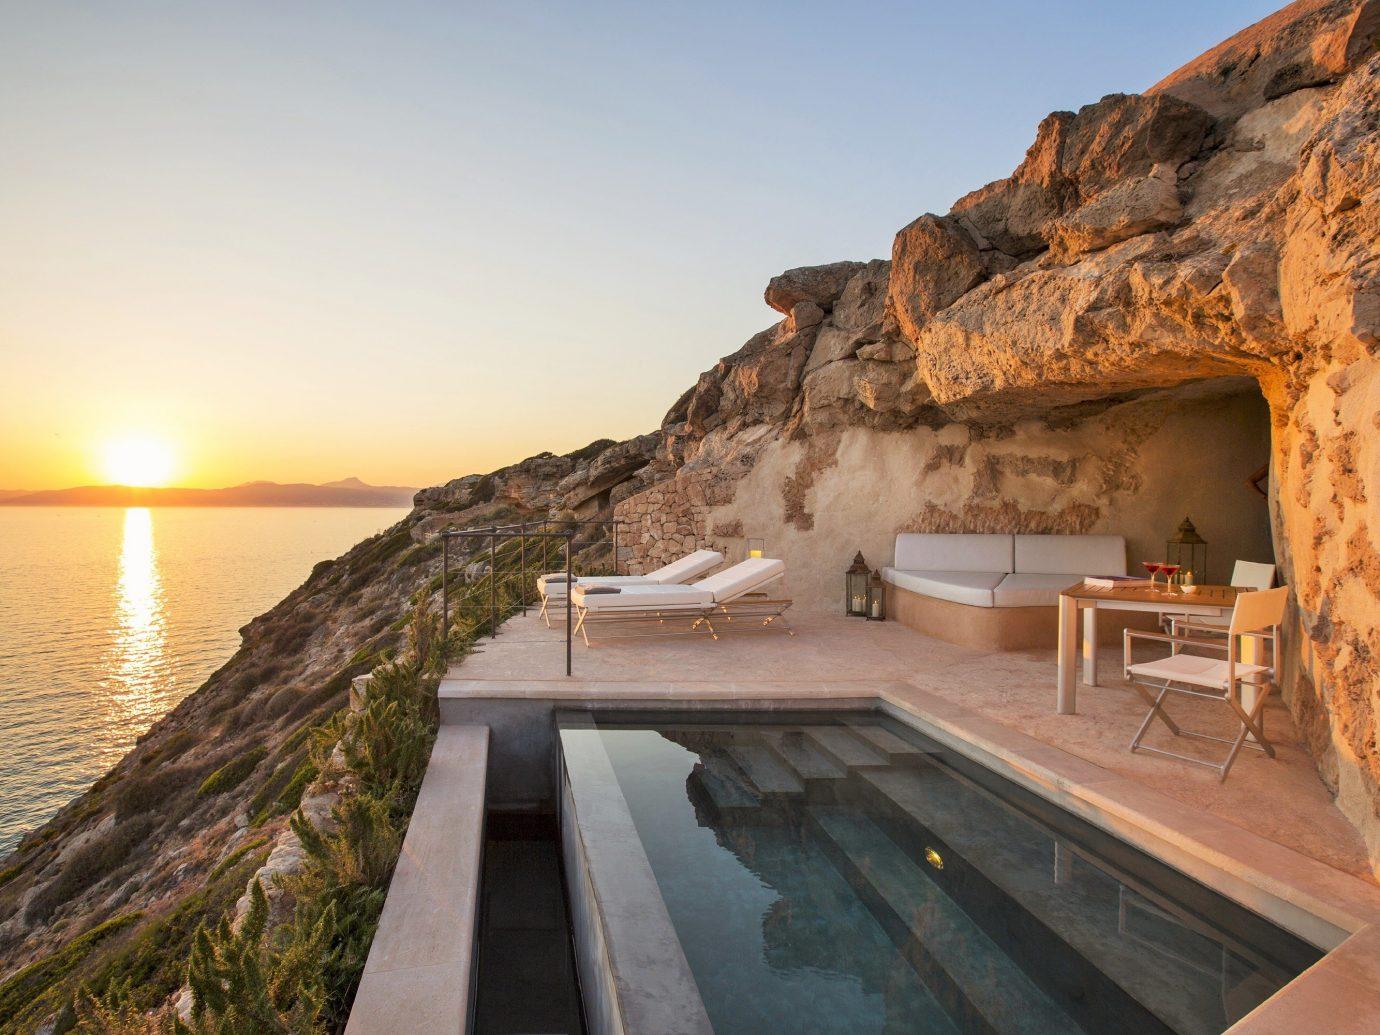 Hotels sky outdoor Nature mountain vacation Sea Coast cape bay canyon terrain stone